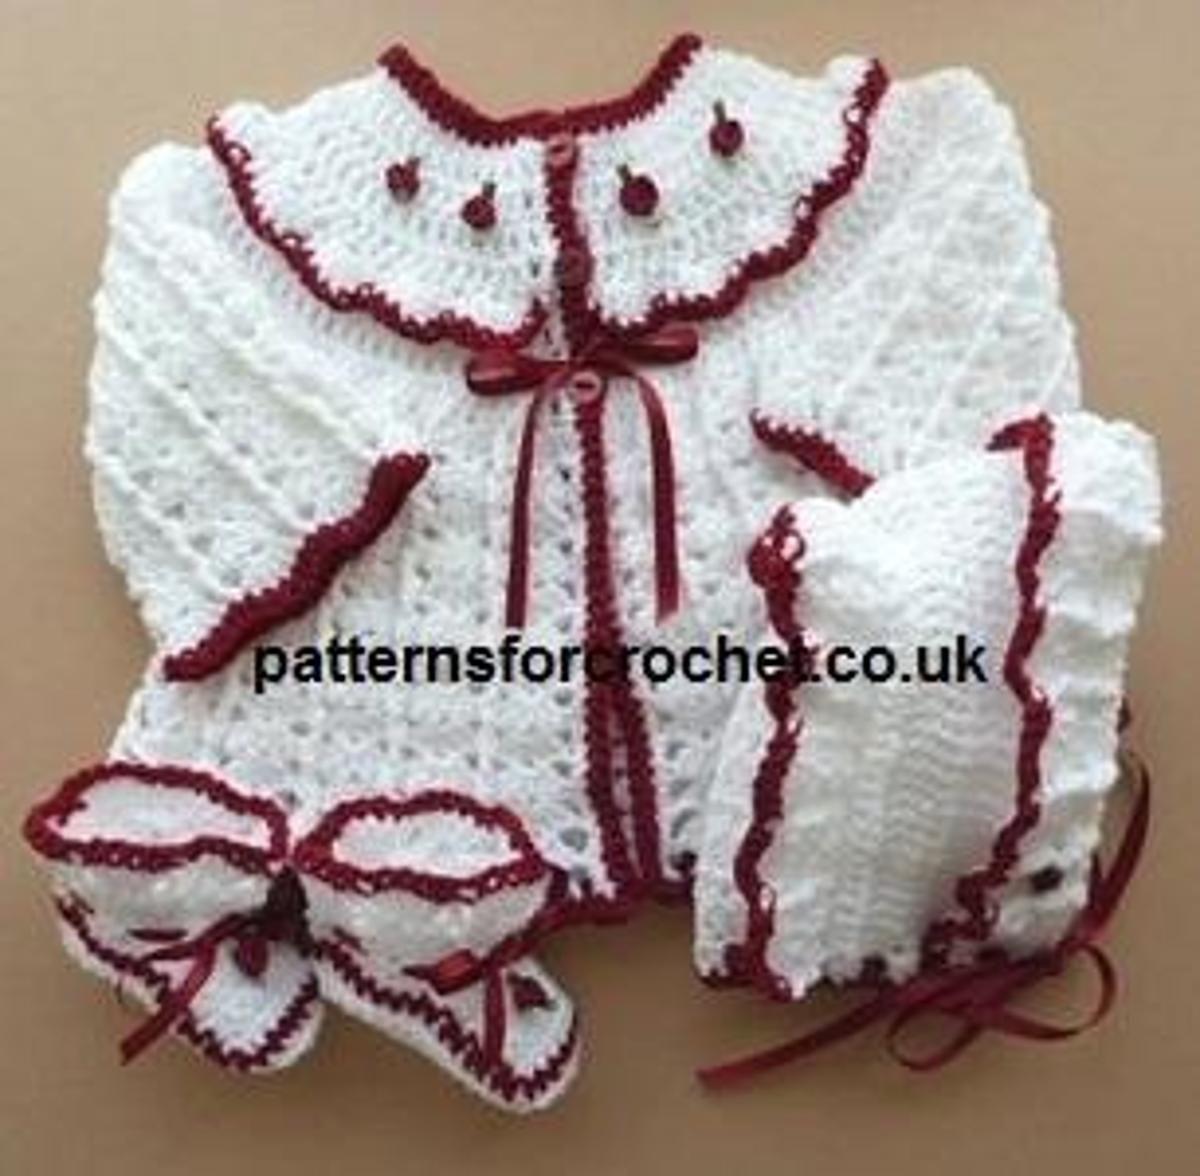 pfcebl-3 Piece set baby crochet pattern | Craftsy | Crochet - Kids ...